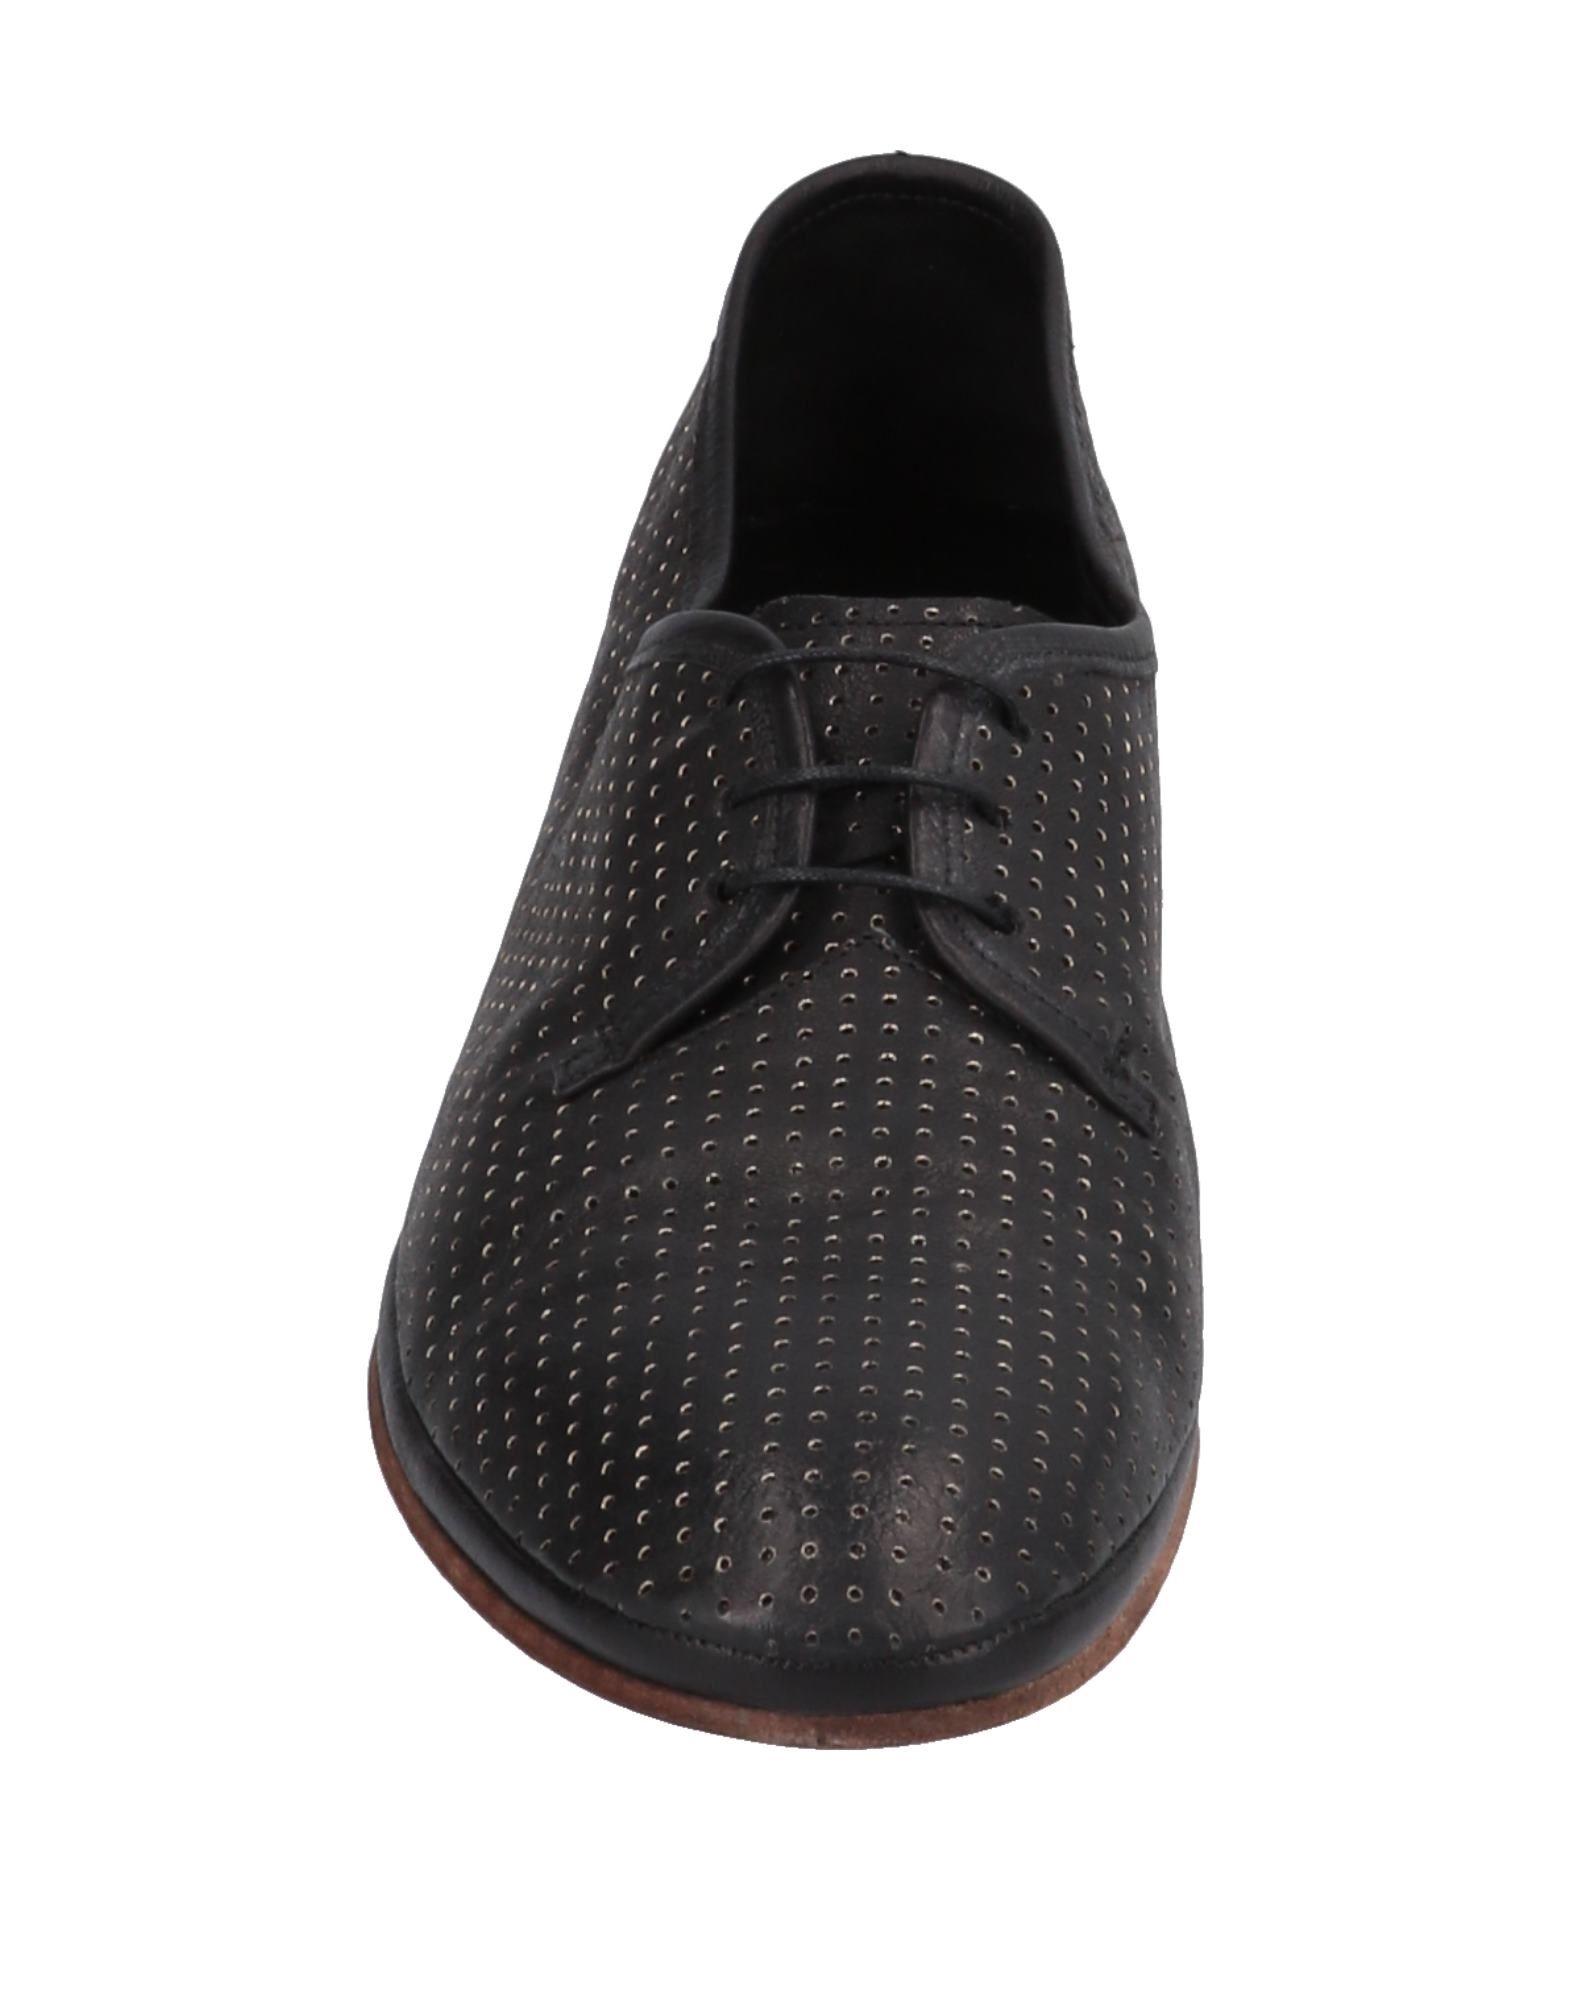 Laboratorigarbo Schnürschuhe strapazierfähige Damen  11560193PBGut aussehende strapazierfähige Schnürschuhe Schuhe 1ee406